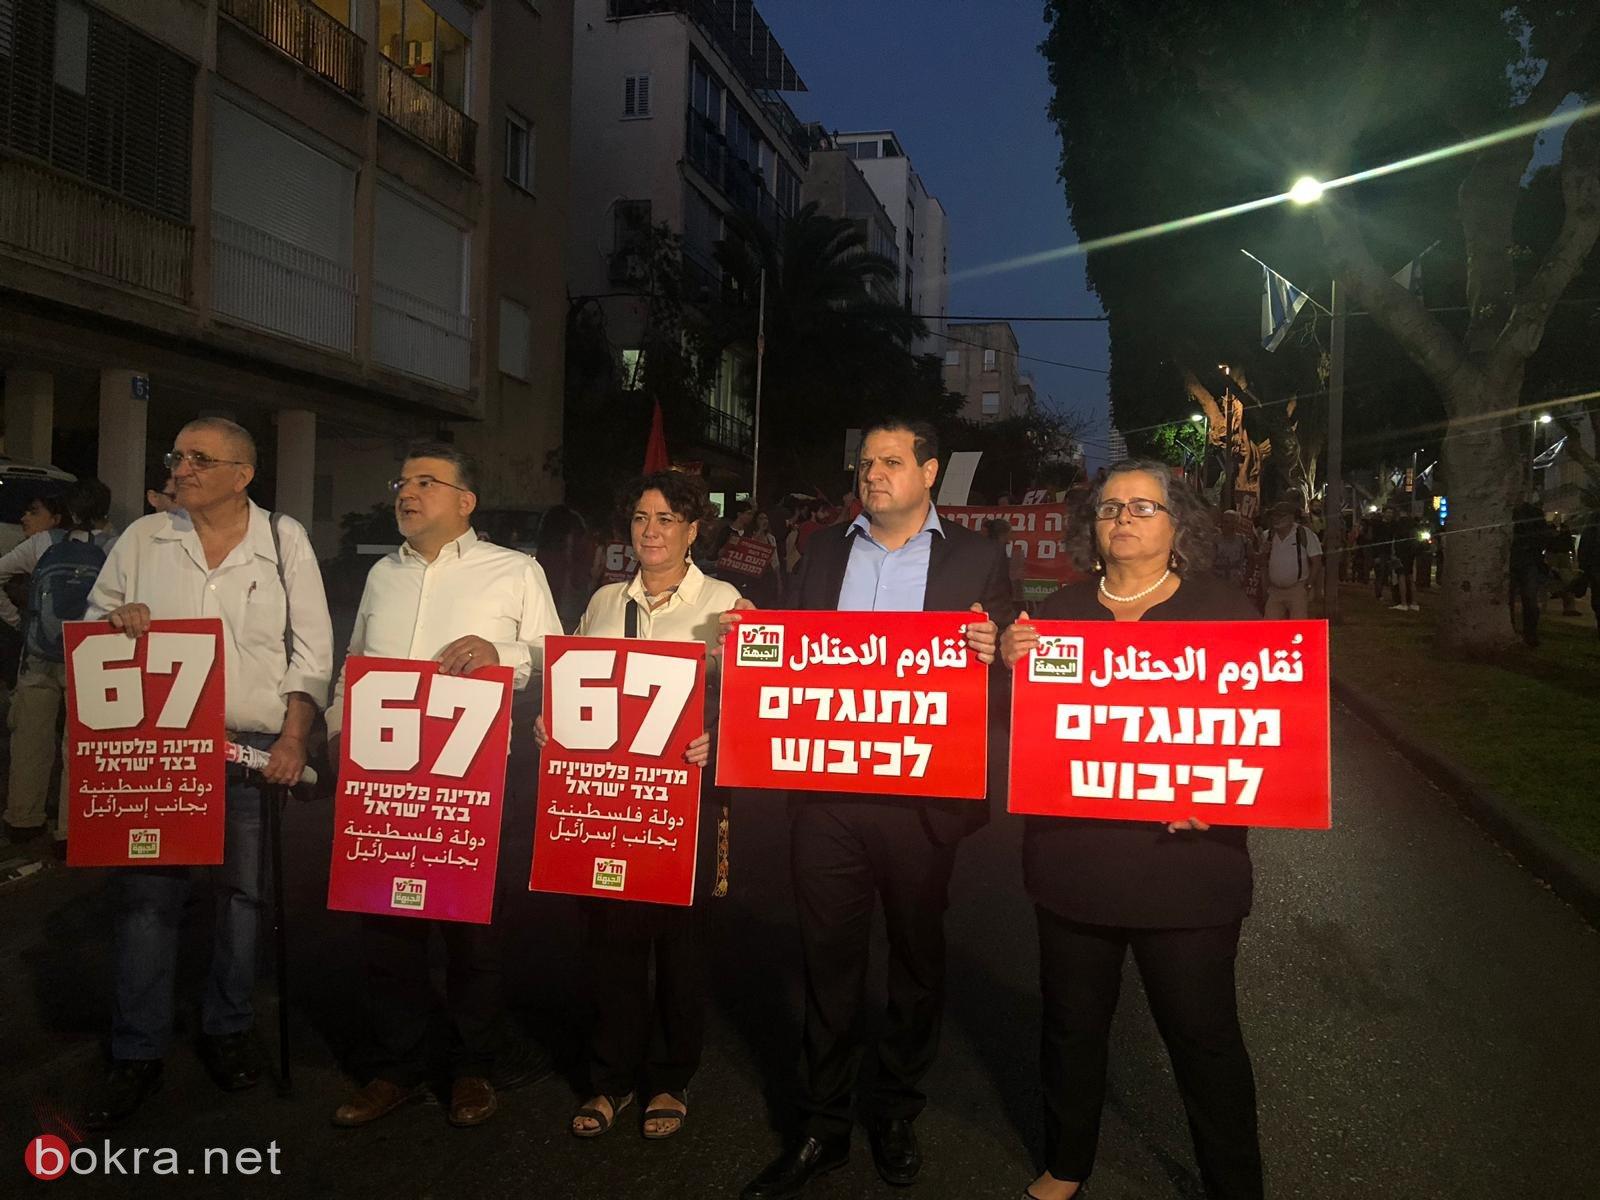 تزامنًا مع اليوروفيجين .. مظاهرة كبيرة في تل أبيب تطالب برفع الحصار عن غزة